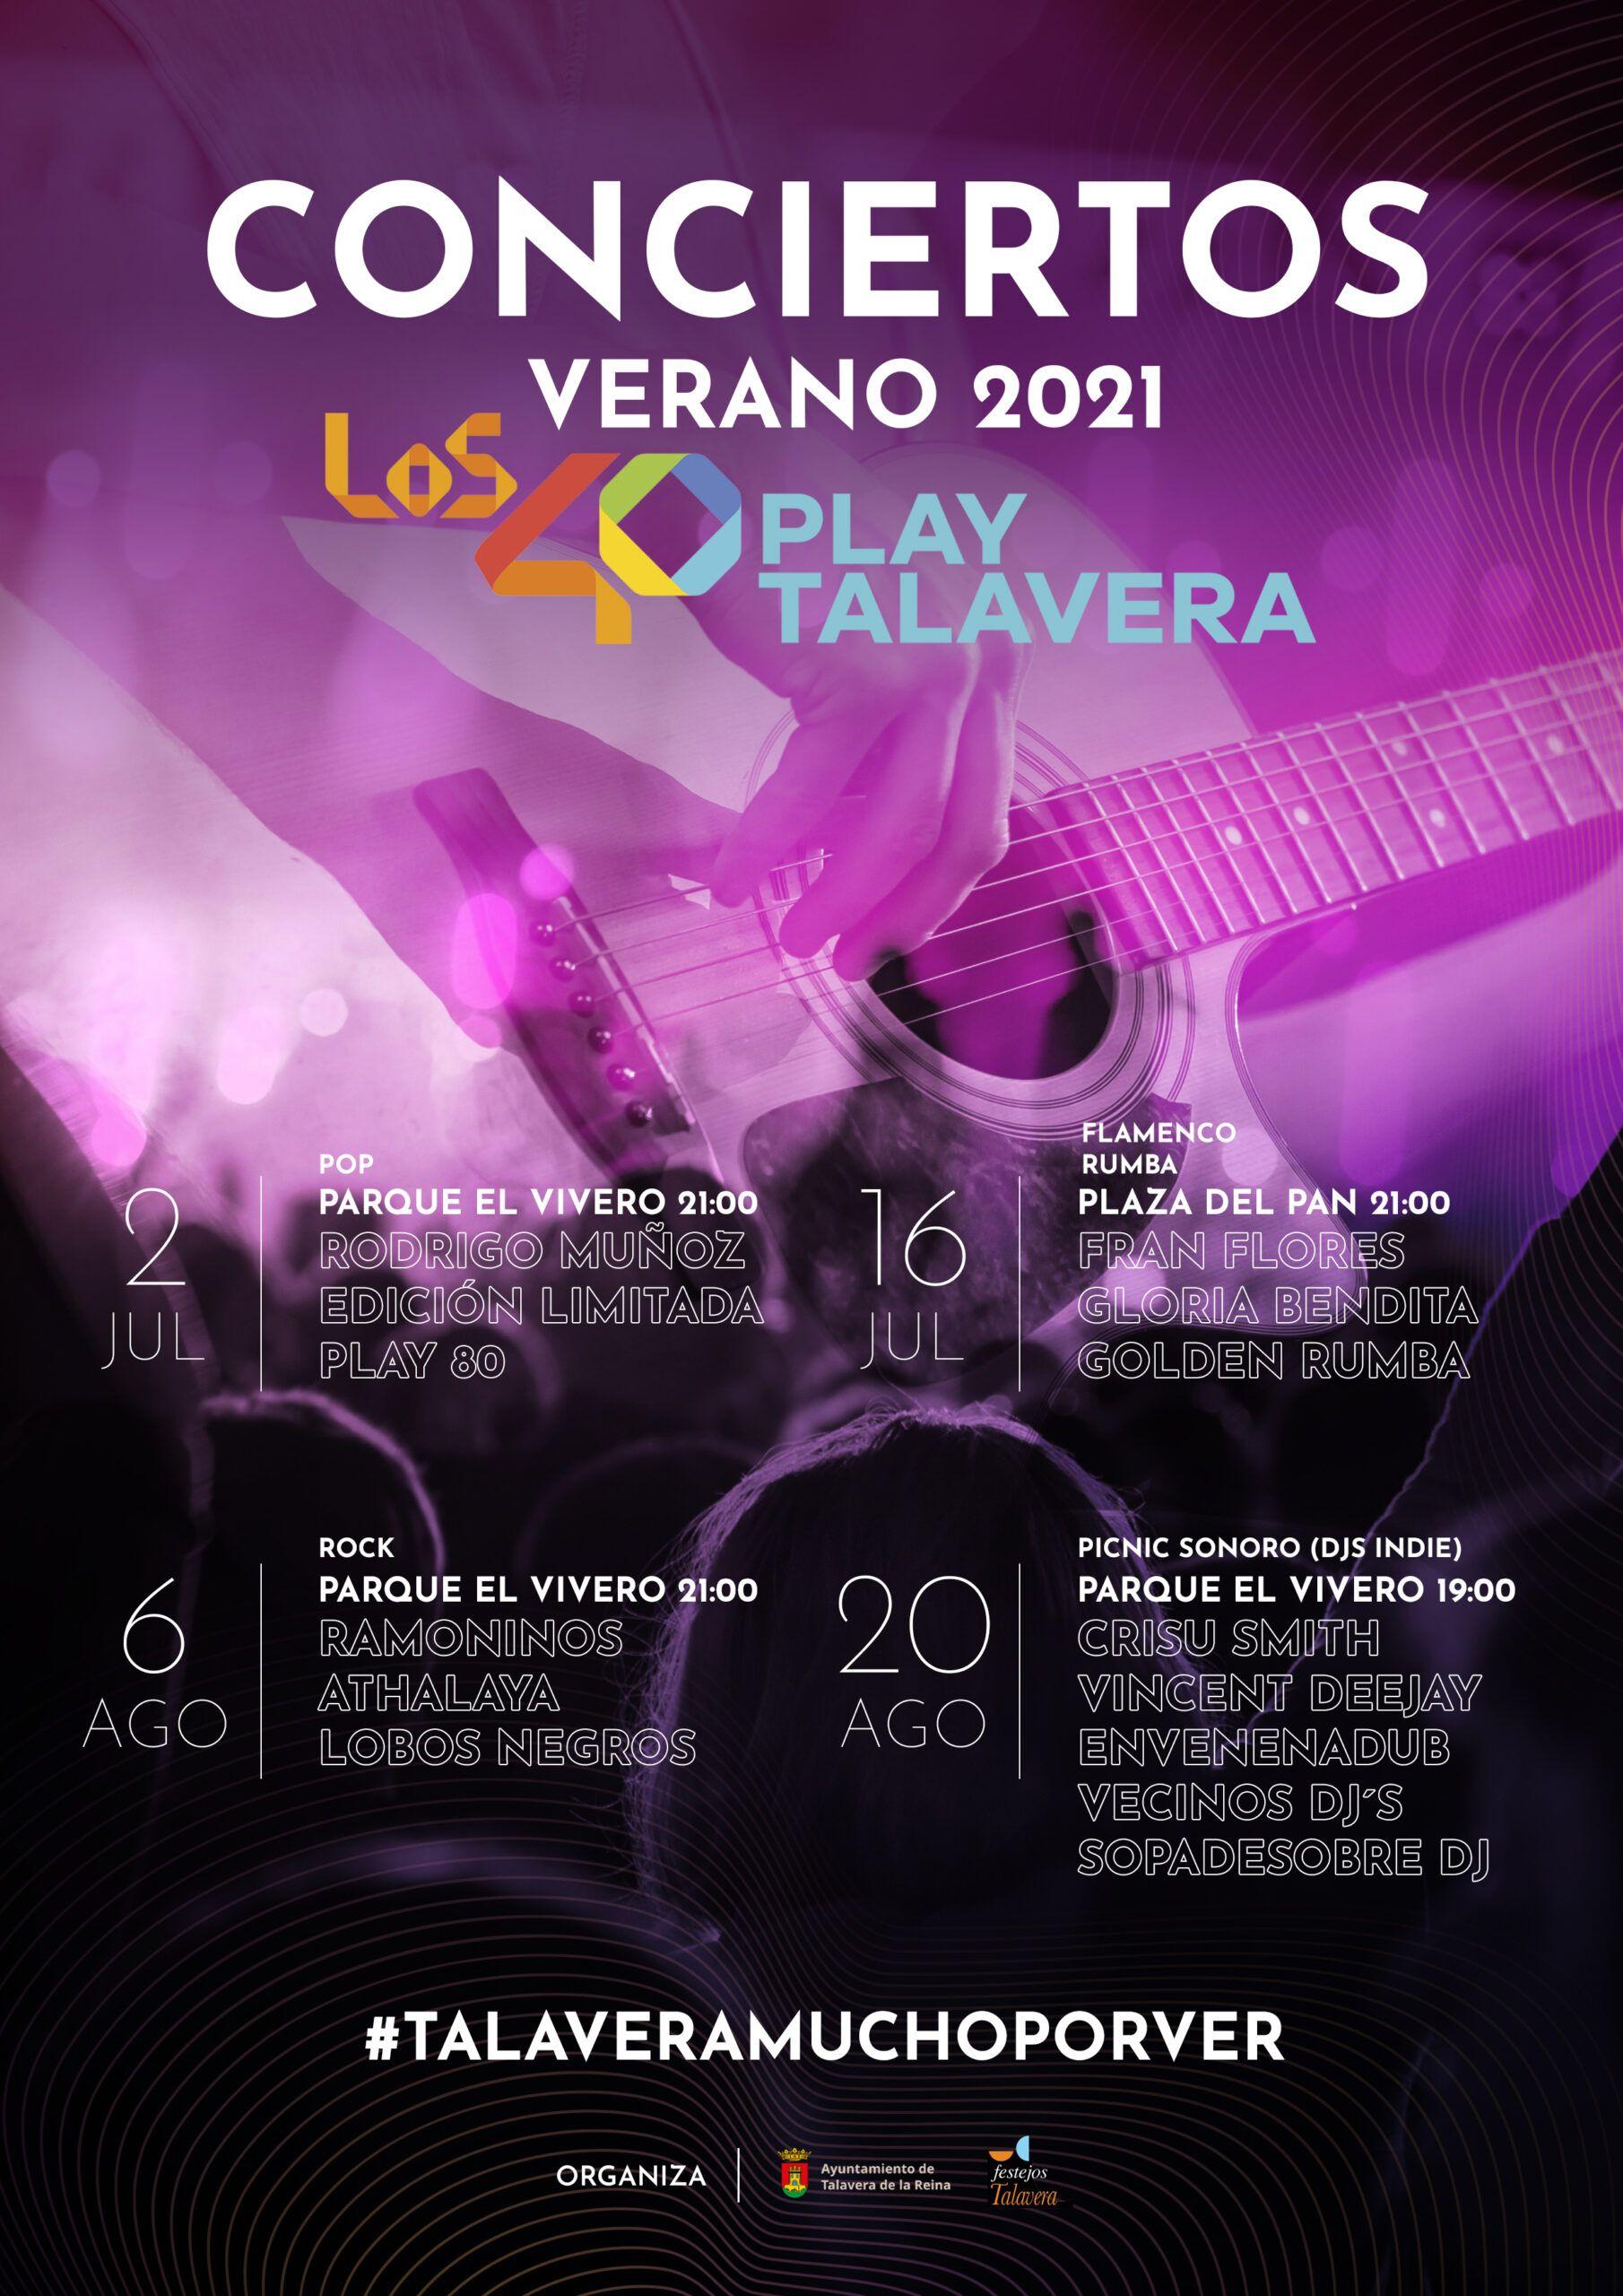 """Los conciertos de verano 2021 finalizan con un picnic sonoro """"en el que se continuarán cumpliendo todas las medidas sanitarias"""""""